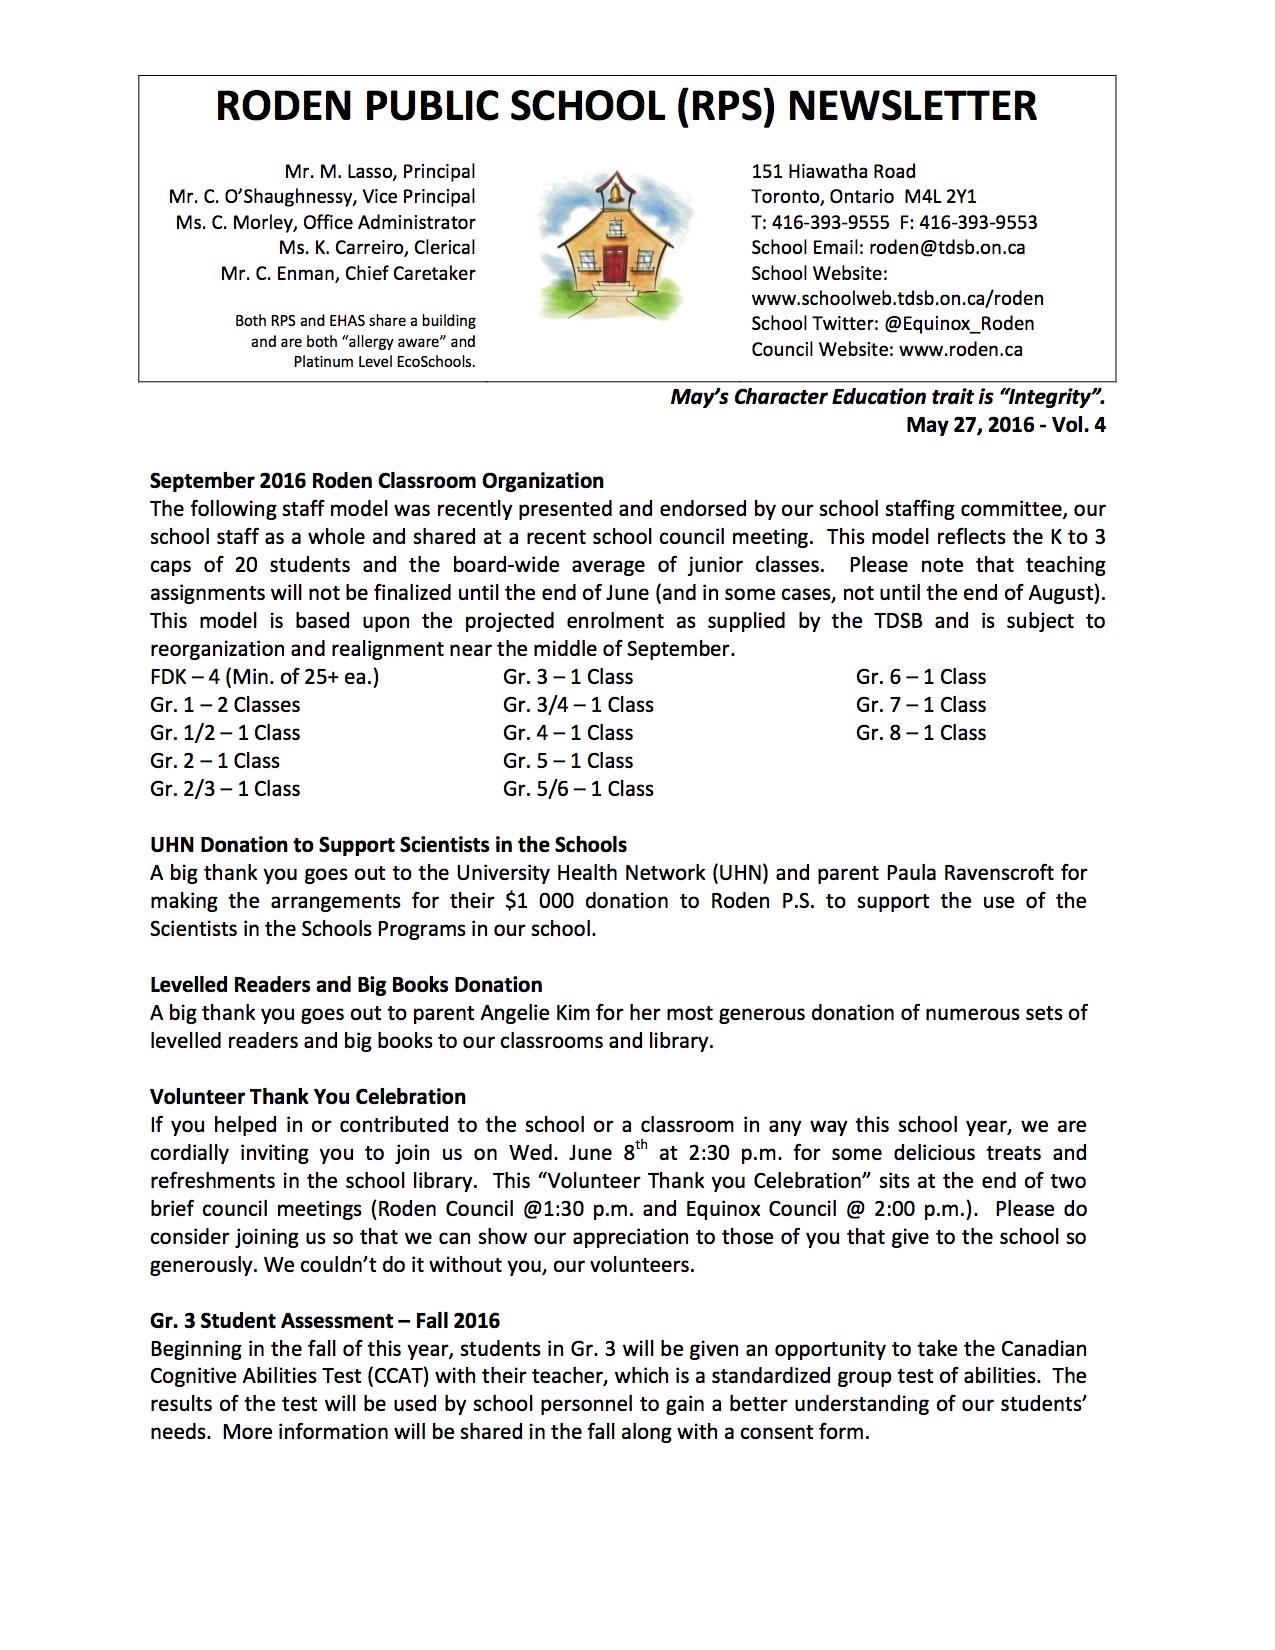 Roden Newsletter 16-05-27